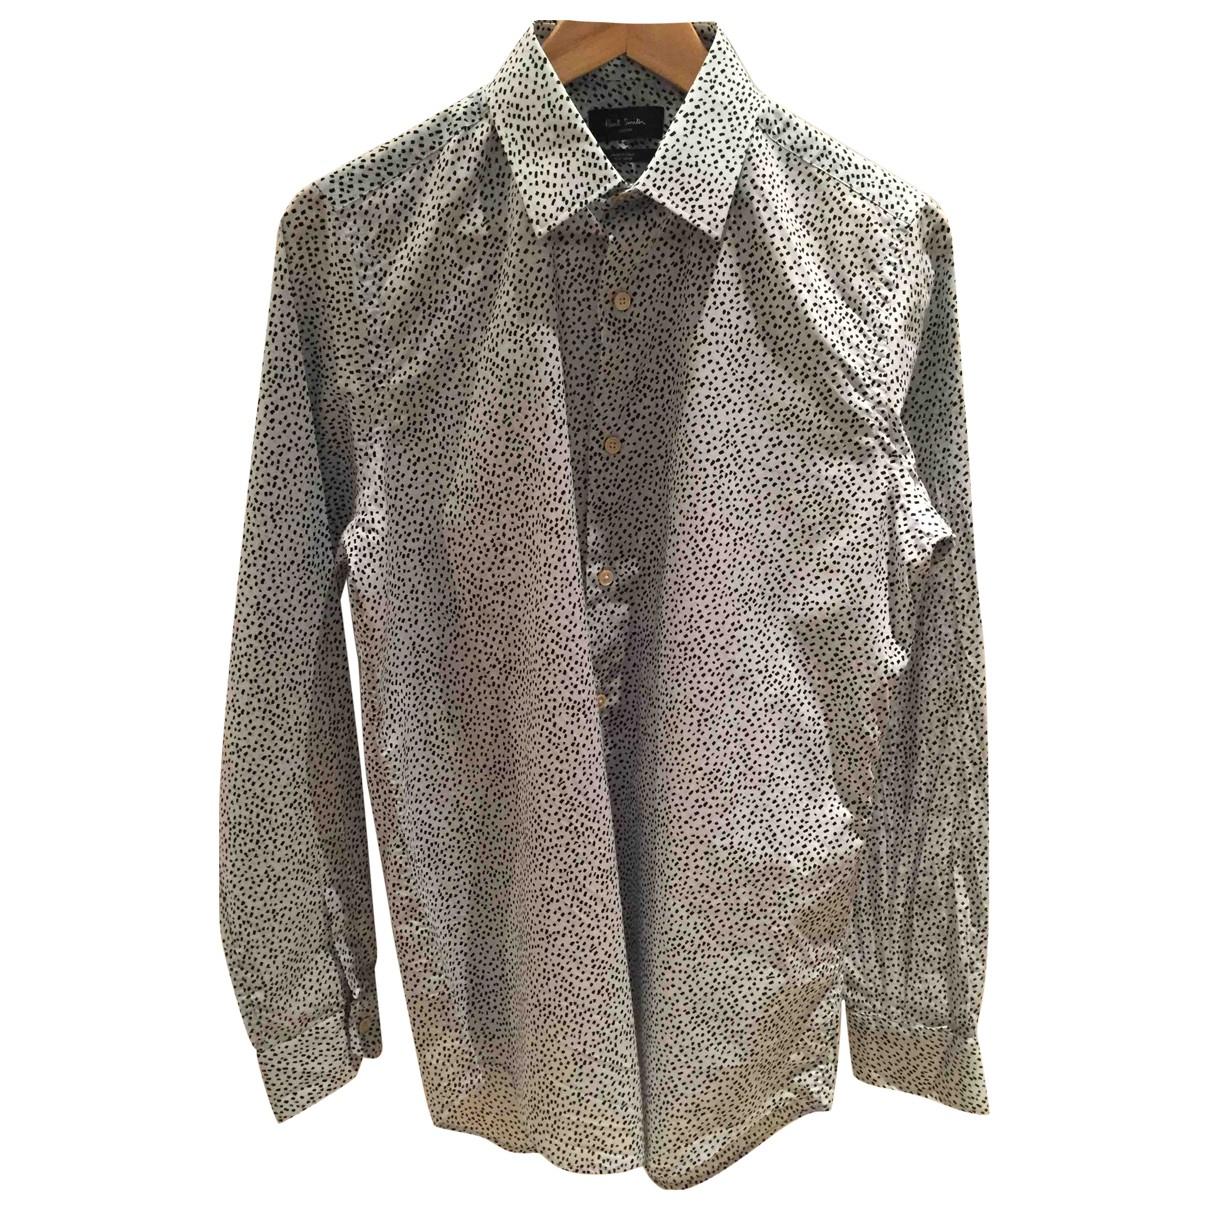 Paul Smith N Blue Cotton Shirts for Men 15.5 UK - US (tour de cou / collar)